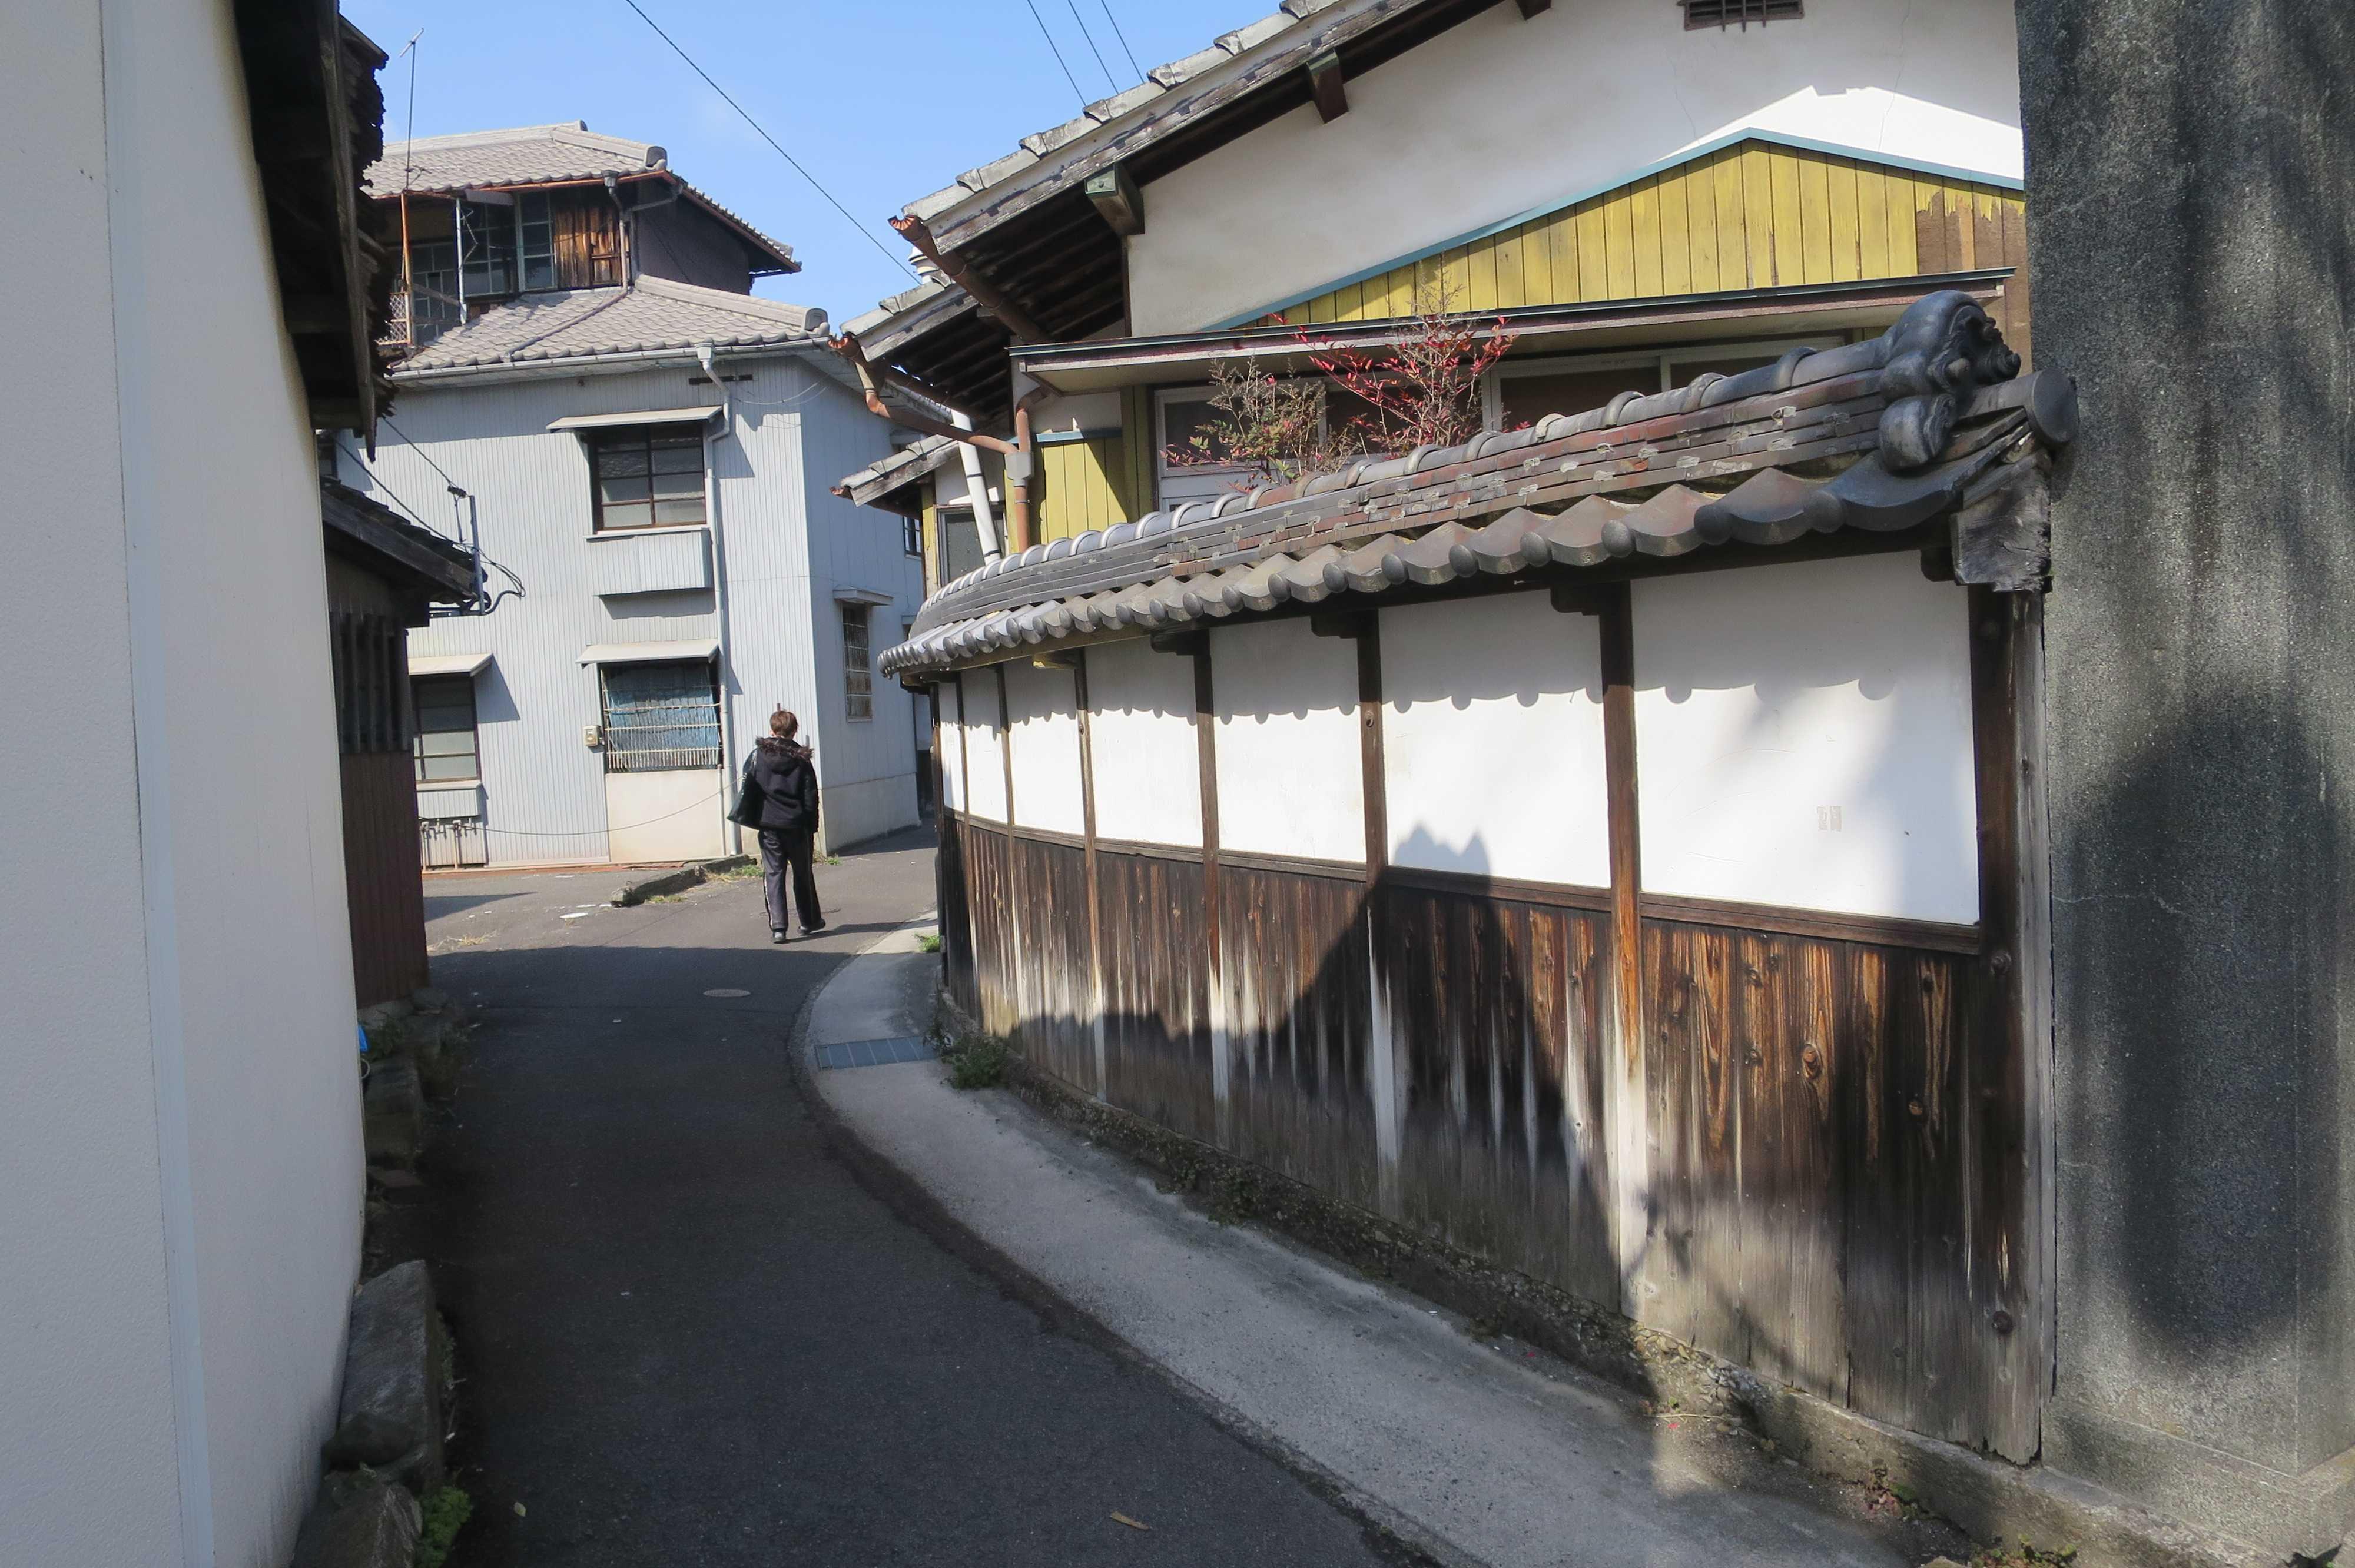 善通寺駅前 - 漆喰塀